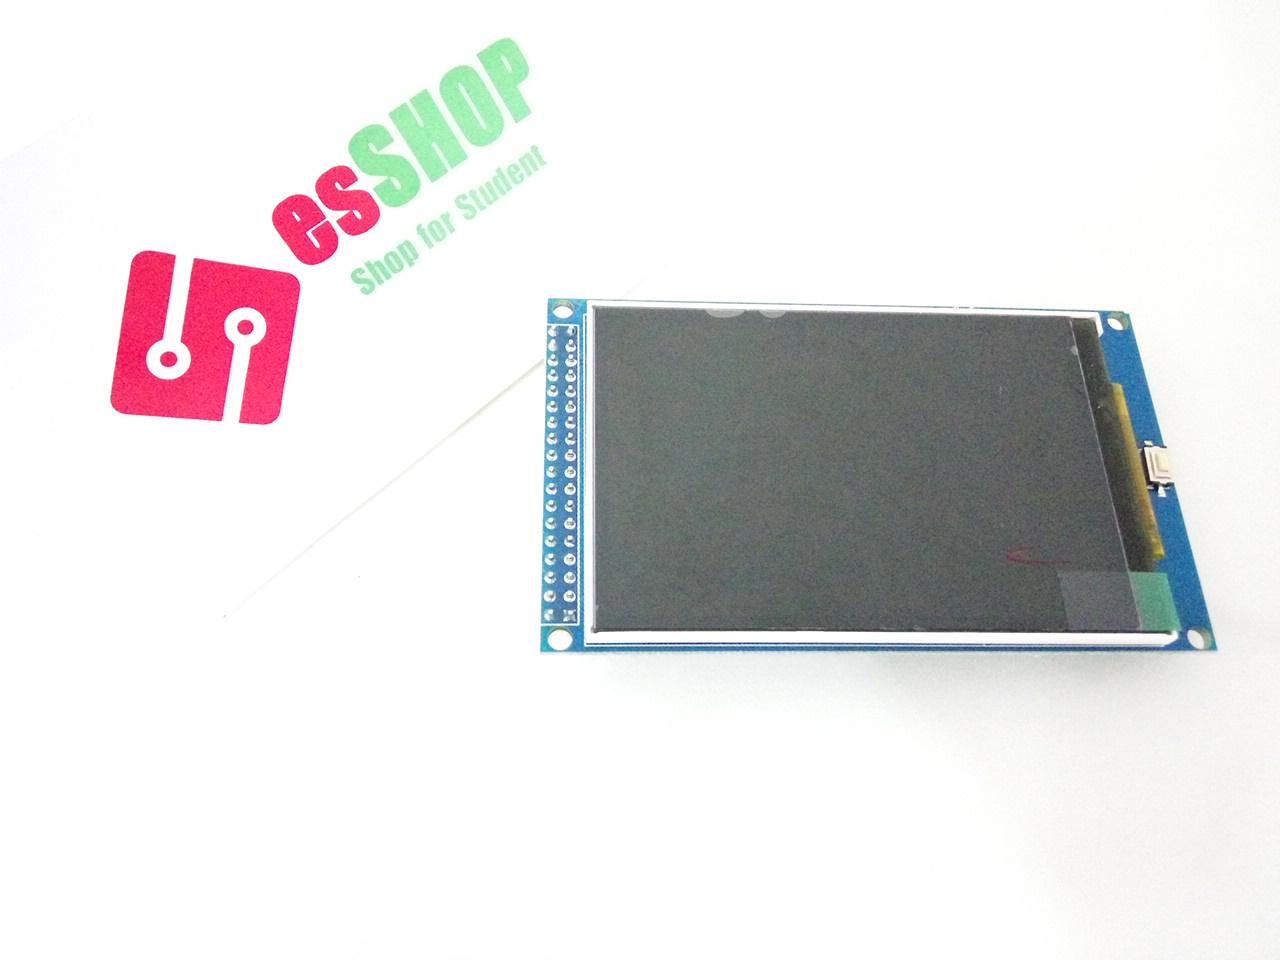 Z3350B101 - Màn hình TFT 3.2 inch LI9481 480x320 Arduino Mega